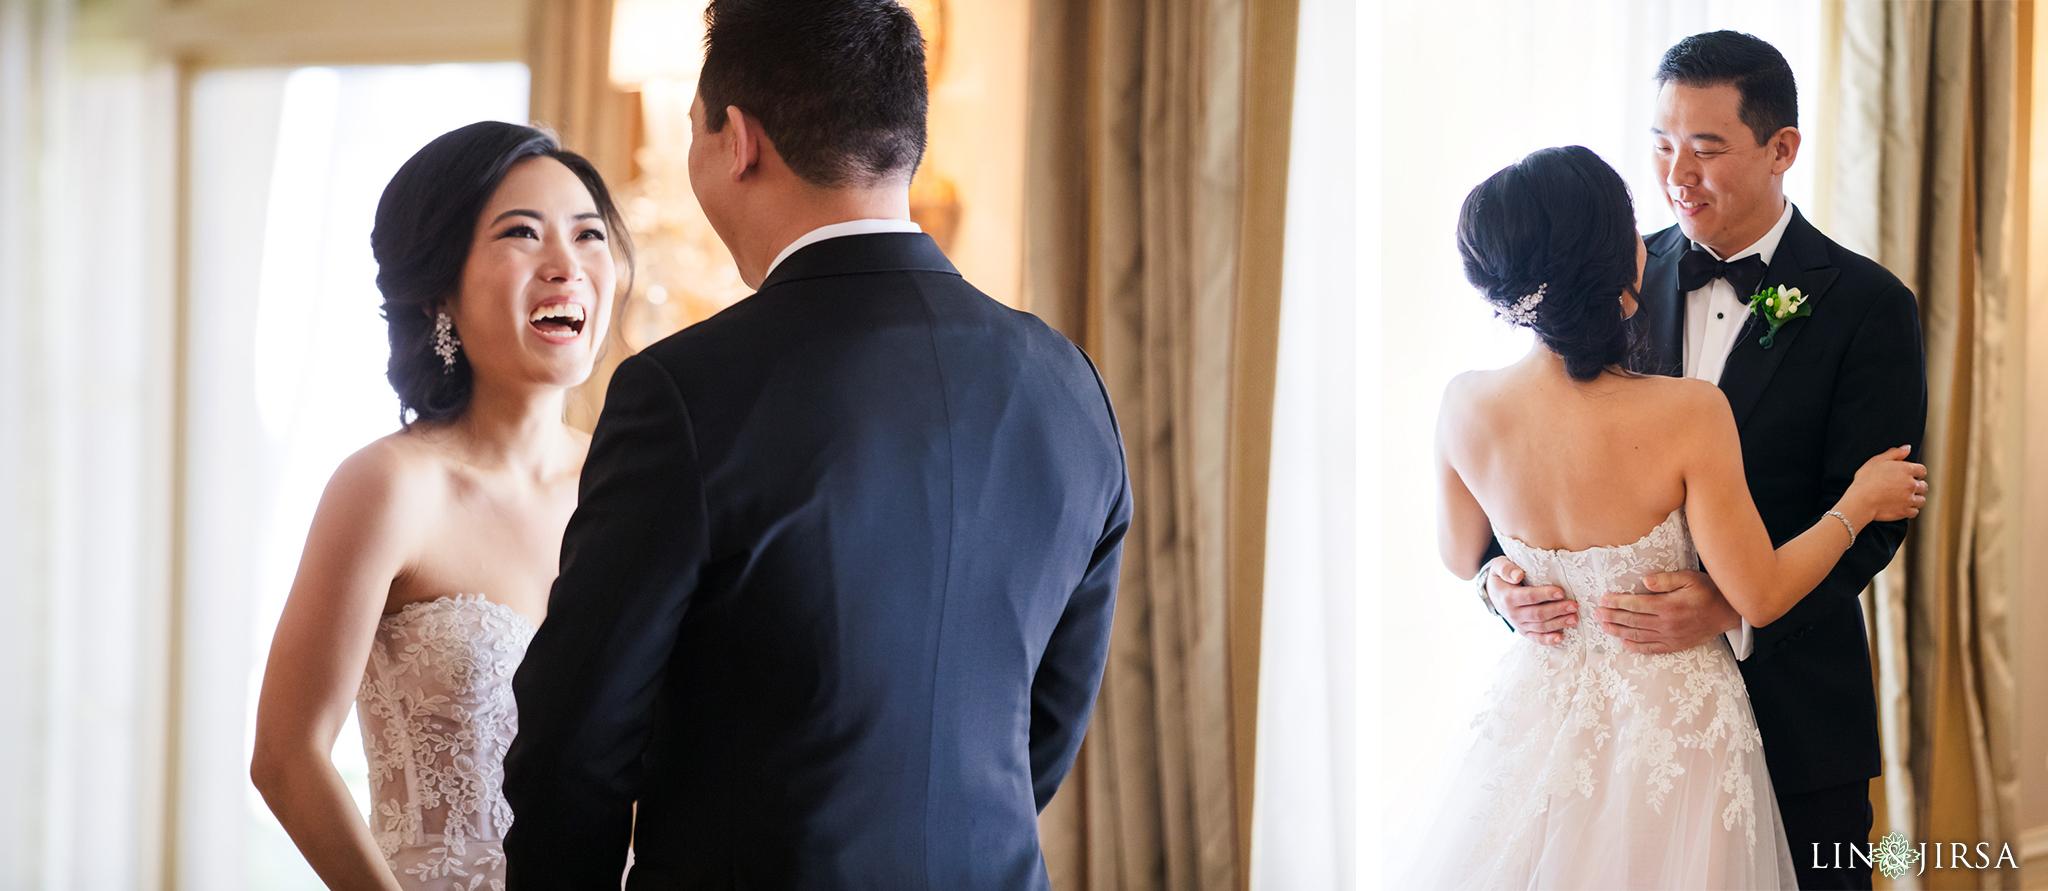 1 Langham Huntington Pasadena First Look Wedding Photography